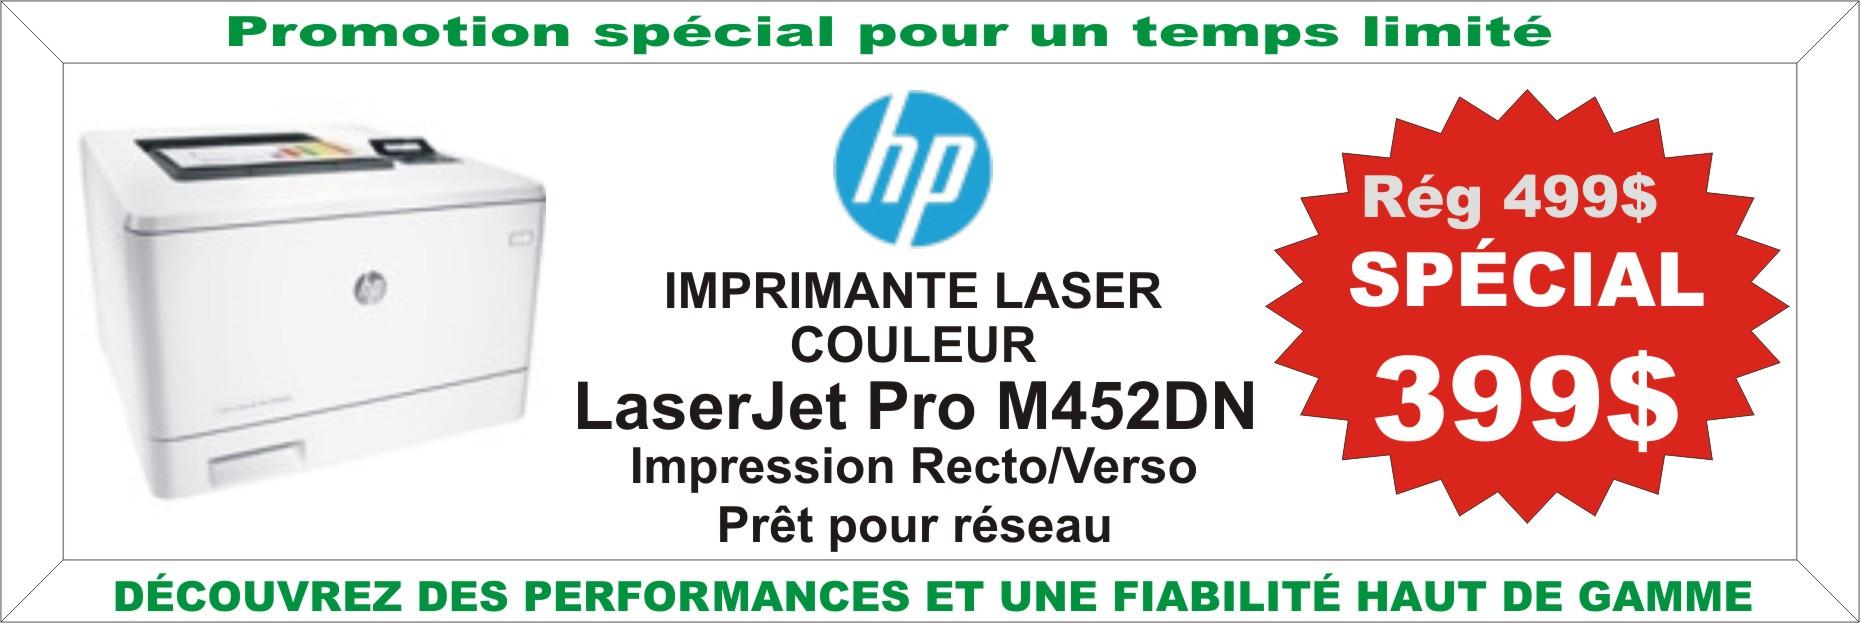 Promotion Imprimante HP M452DN